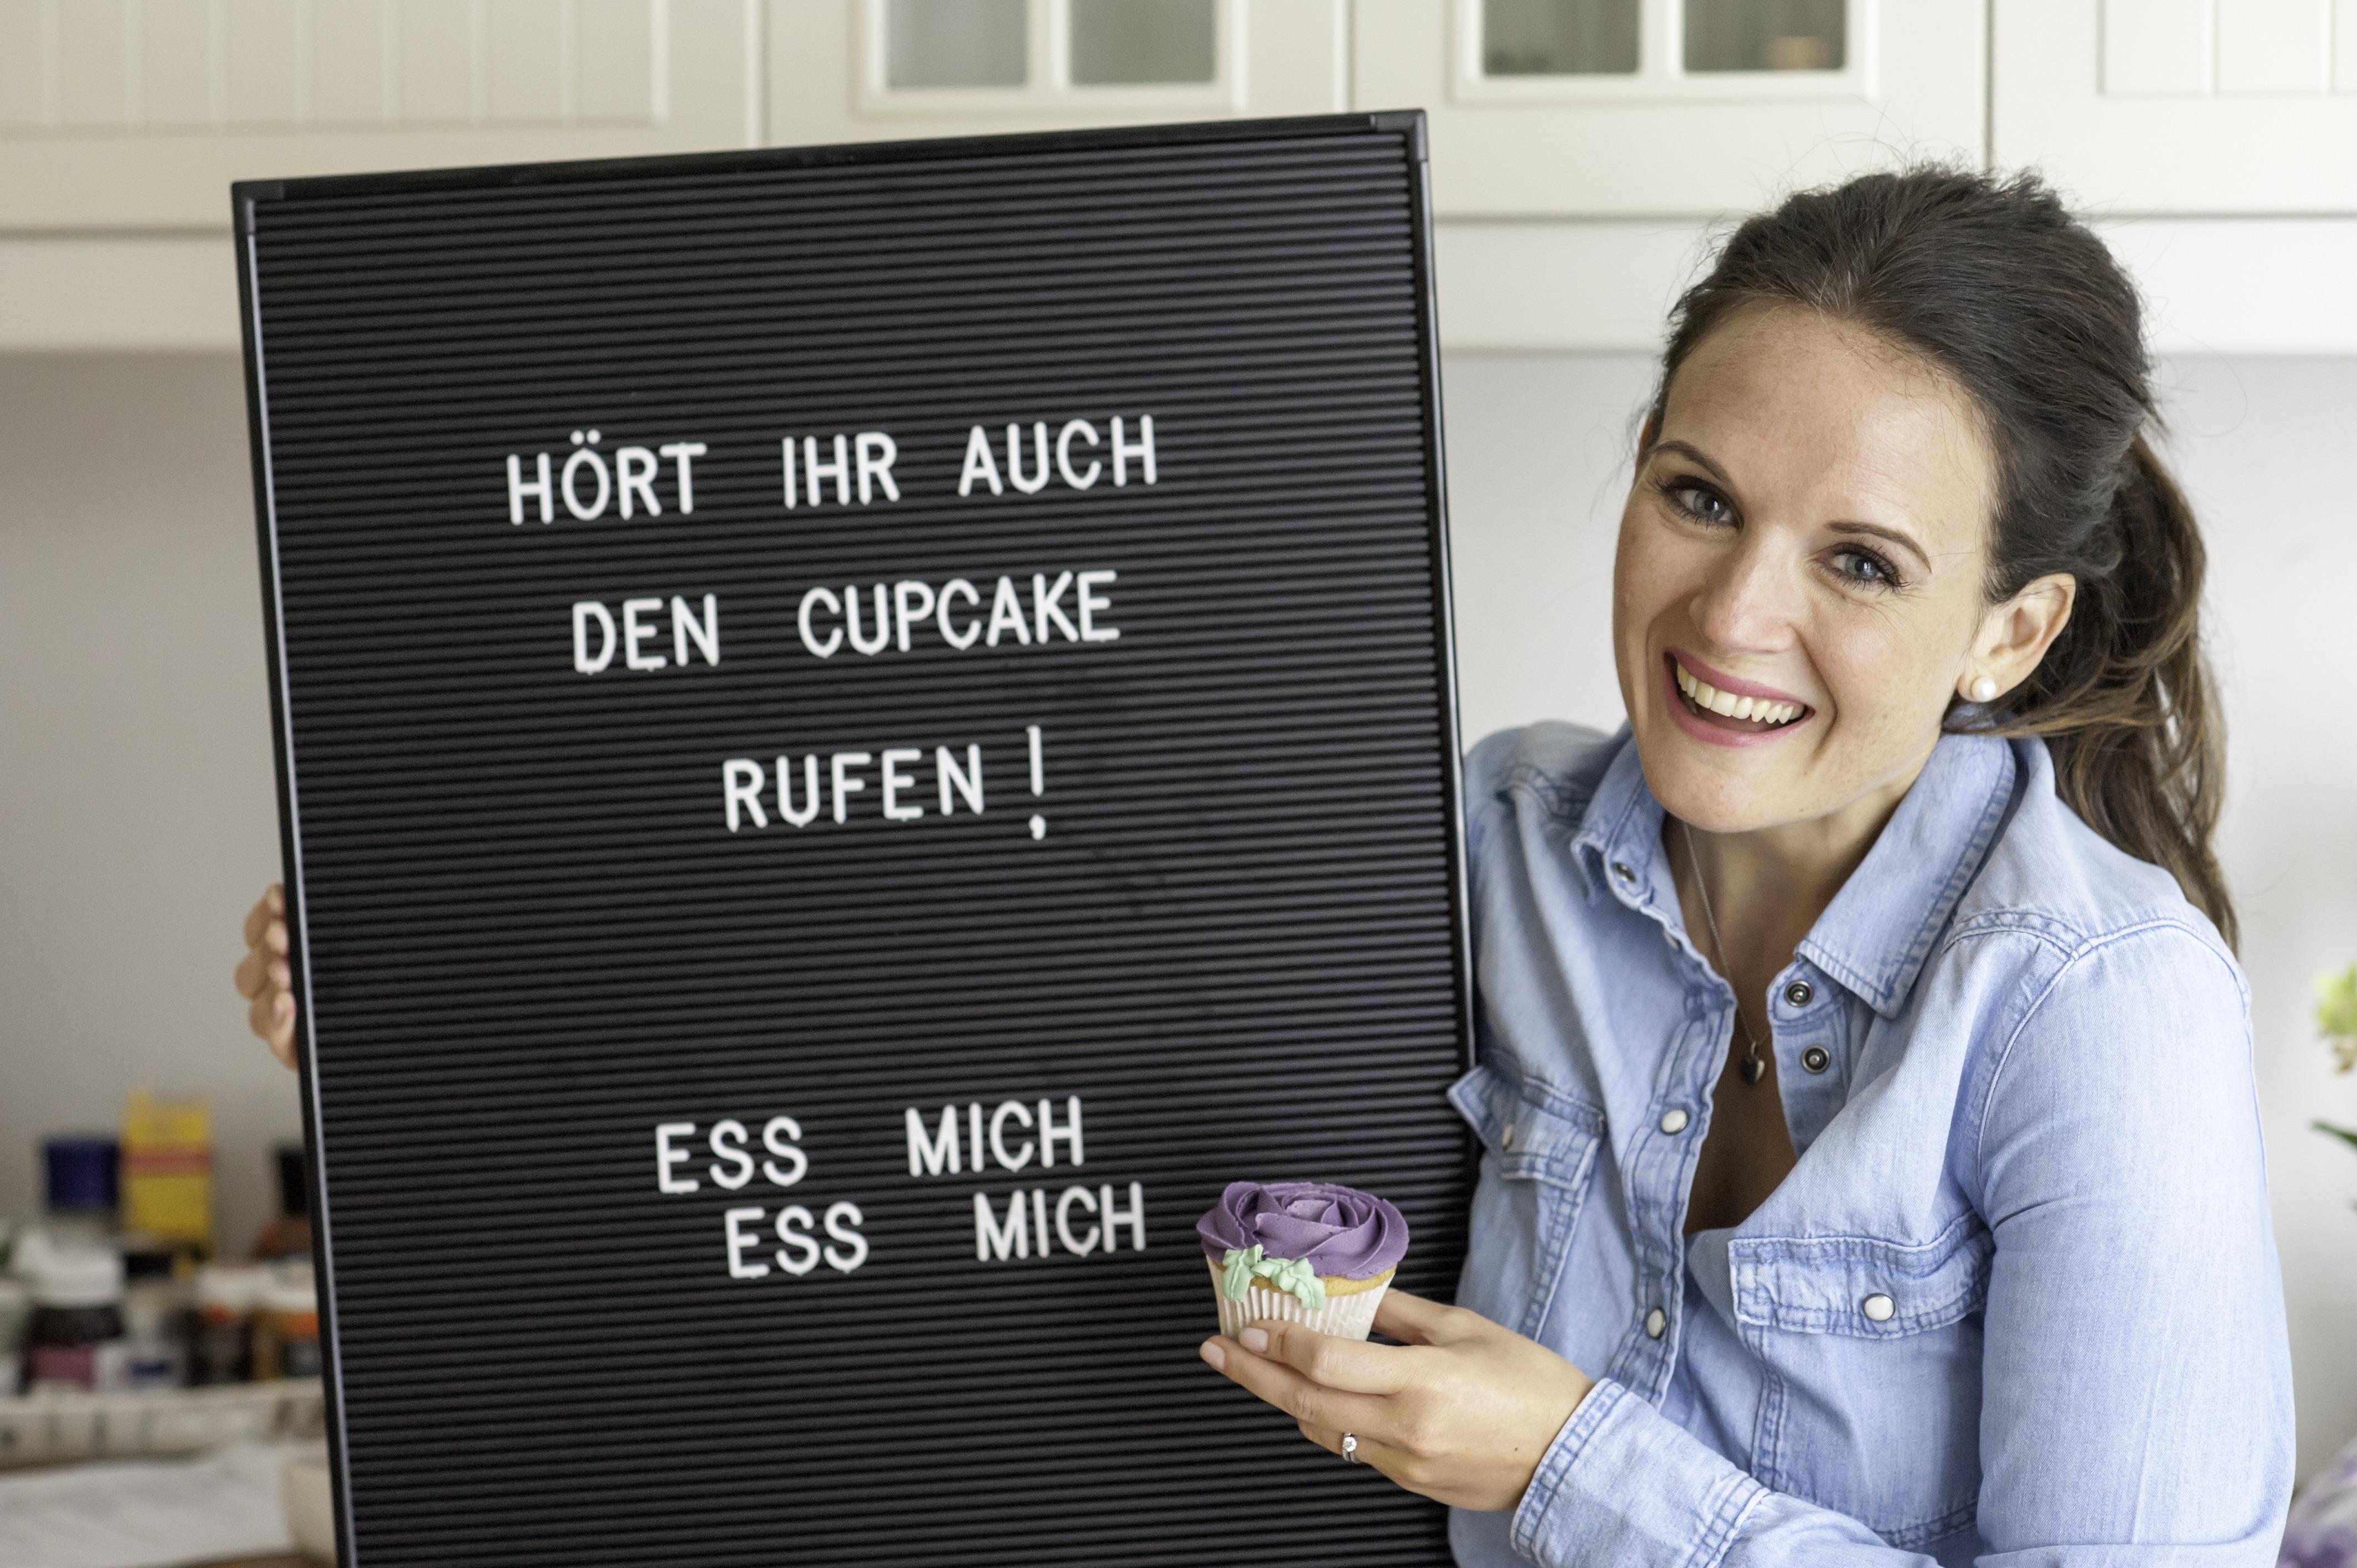 Cupcake Backkurs mit Cremeblüten 17.11.2019 in München